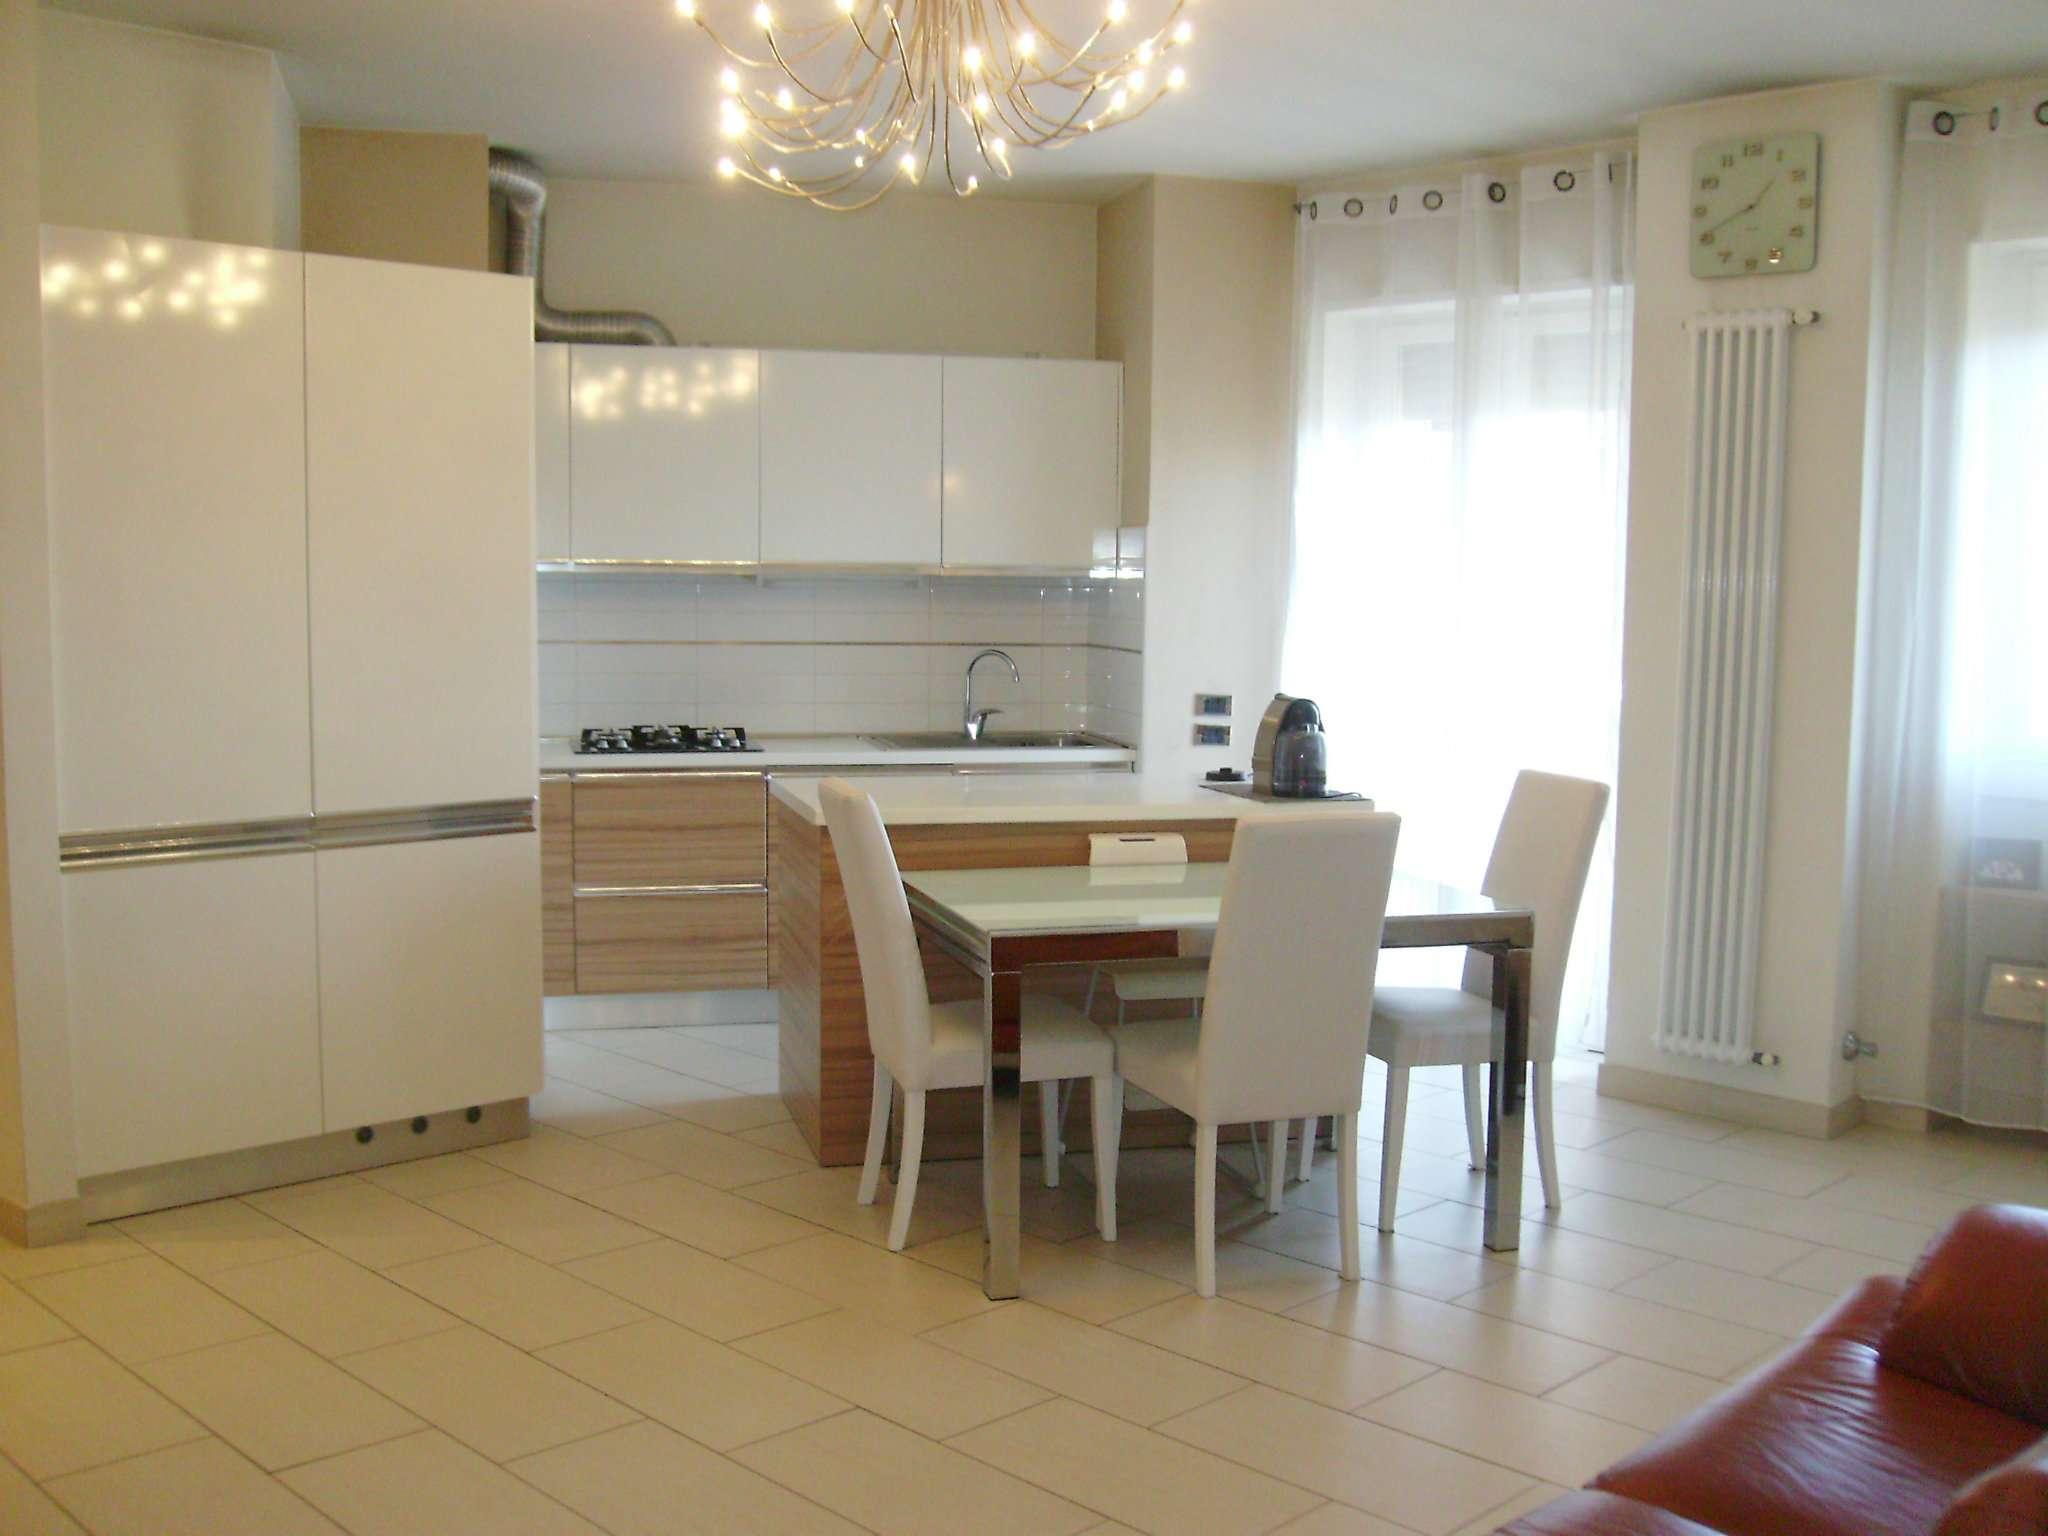 Appartamento in vendita a San Mauro Torinese, 9999 locali, prezzo € 168.000 | Cambio Casa.it